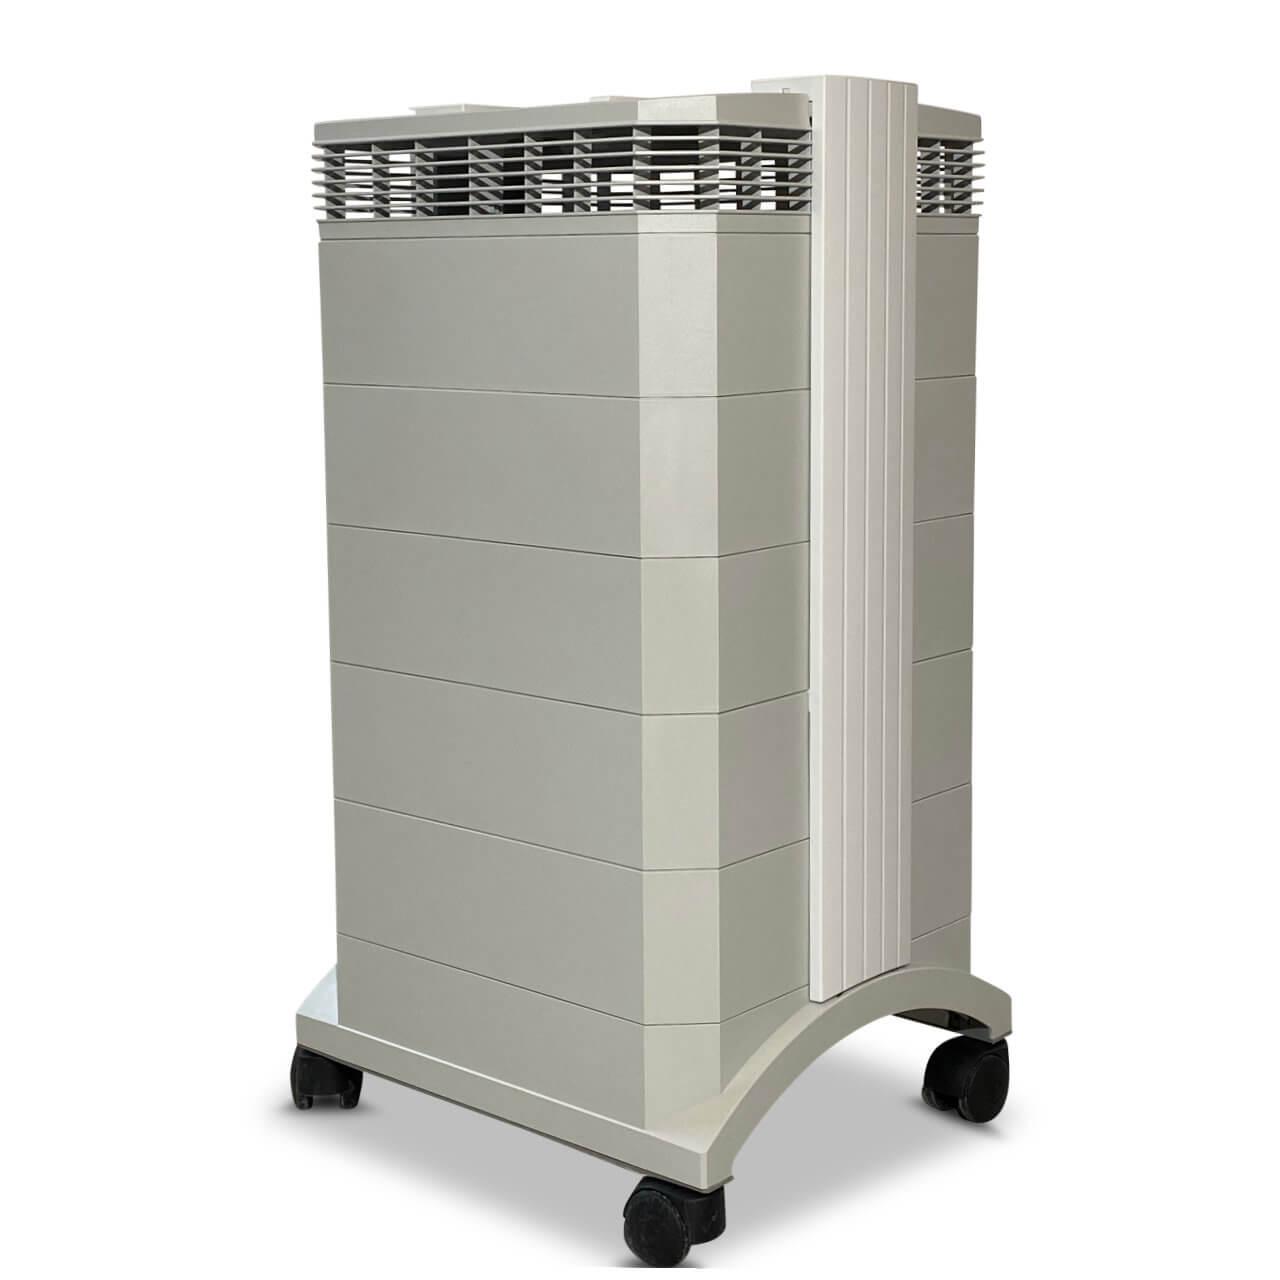 Luftreiniger HealthPro 250 003 - IQAir Luftreiniger HealthPro<sup>®</sup> 250 im Einsatz gegen Corona Virus / Covid-19